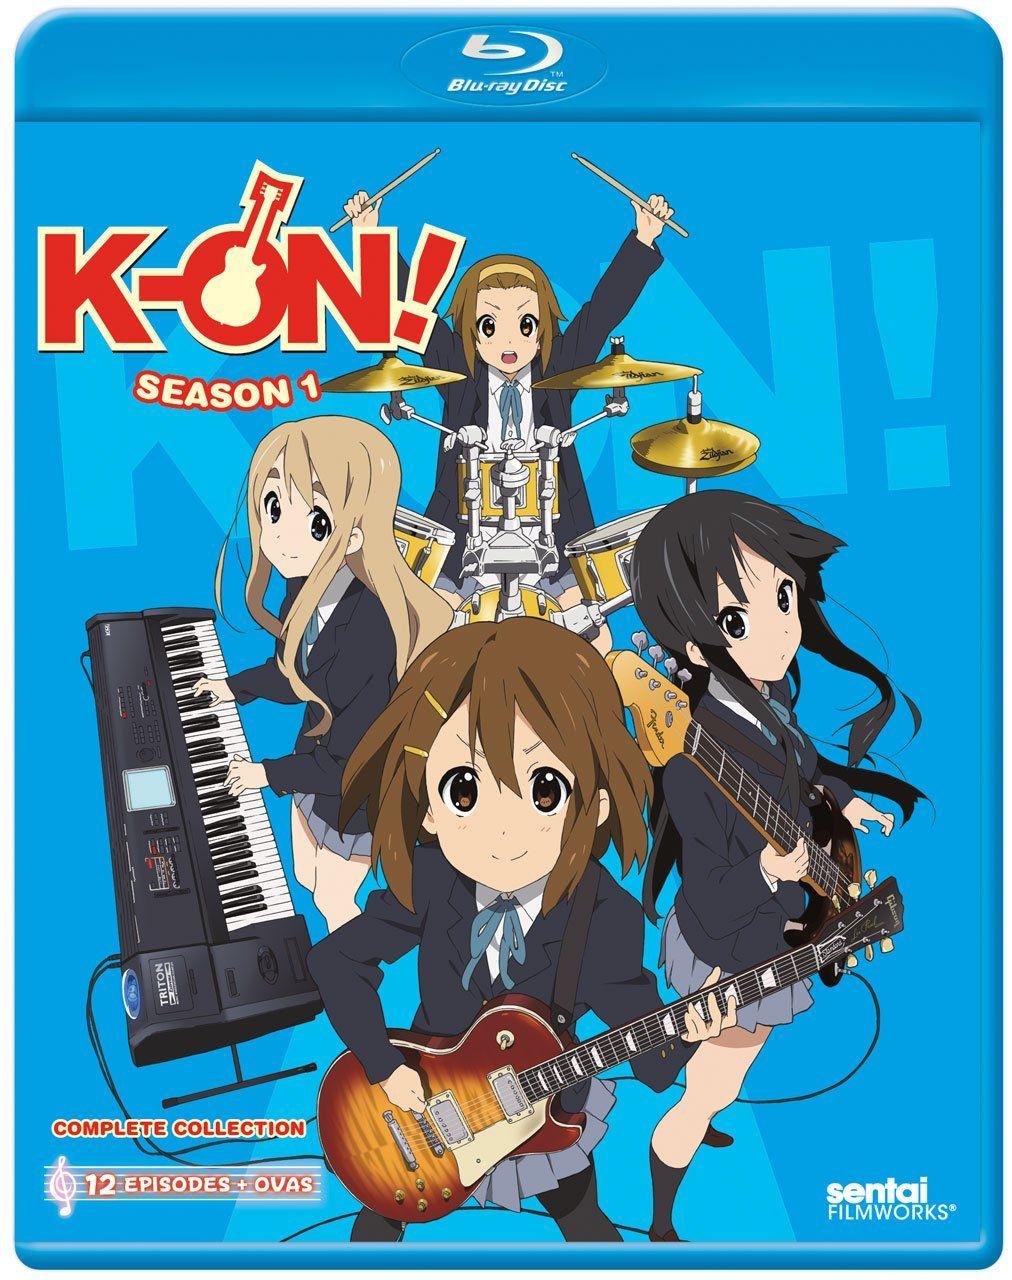 Shakugan no Shana Season 2 Shakugan no shana, Anime